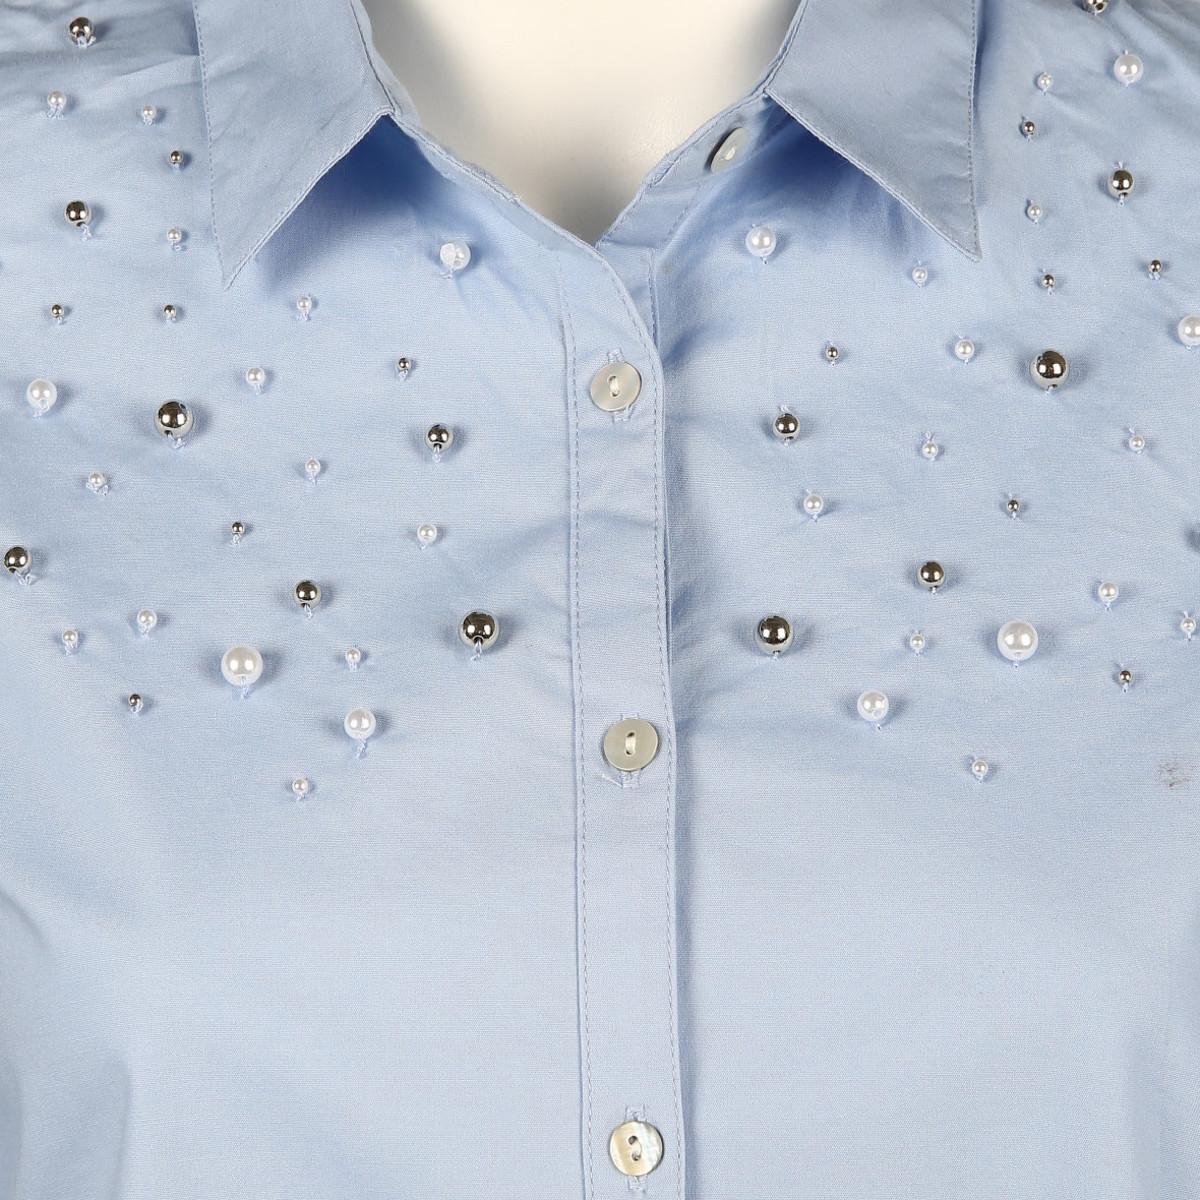 Bild 3 von Damen Chambrey Bluse mit Zierperlen